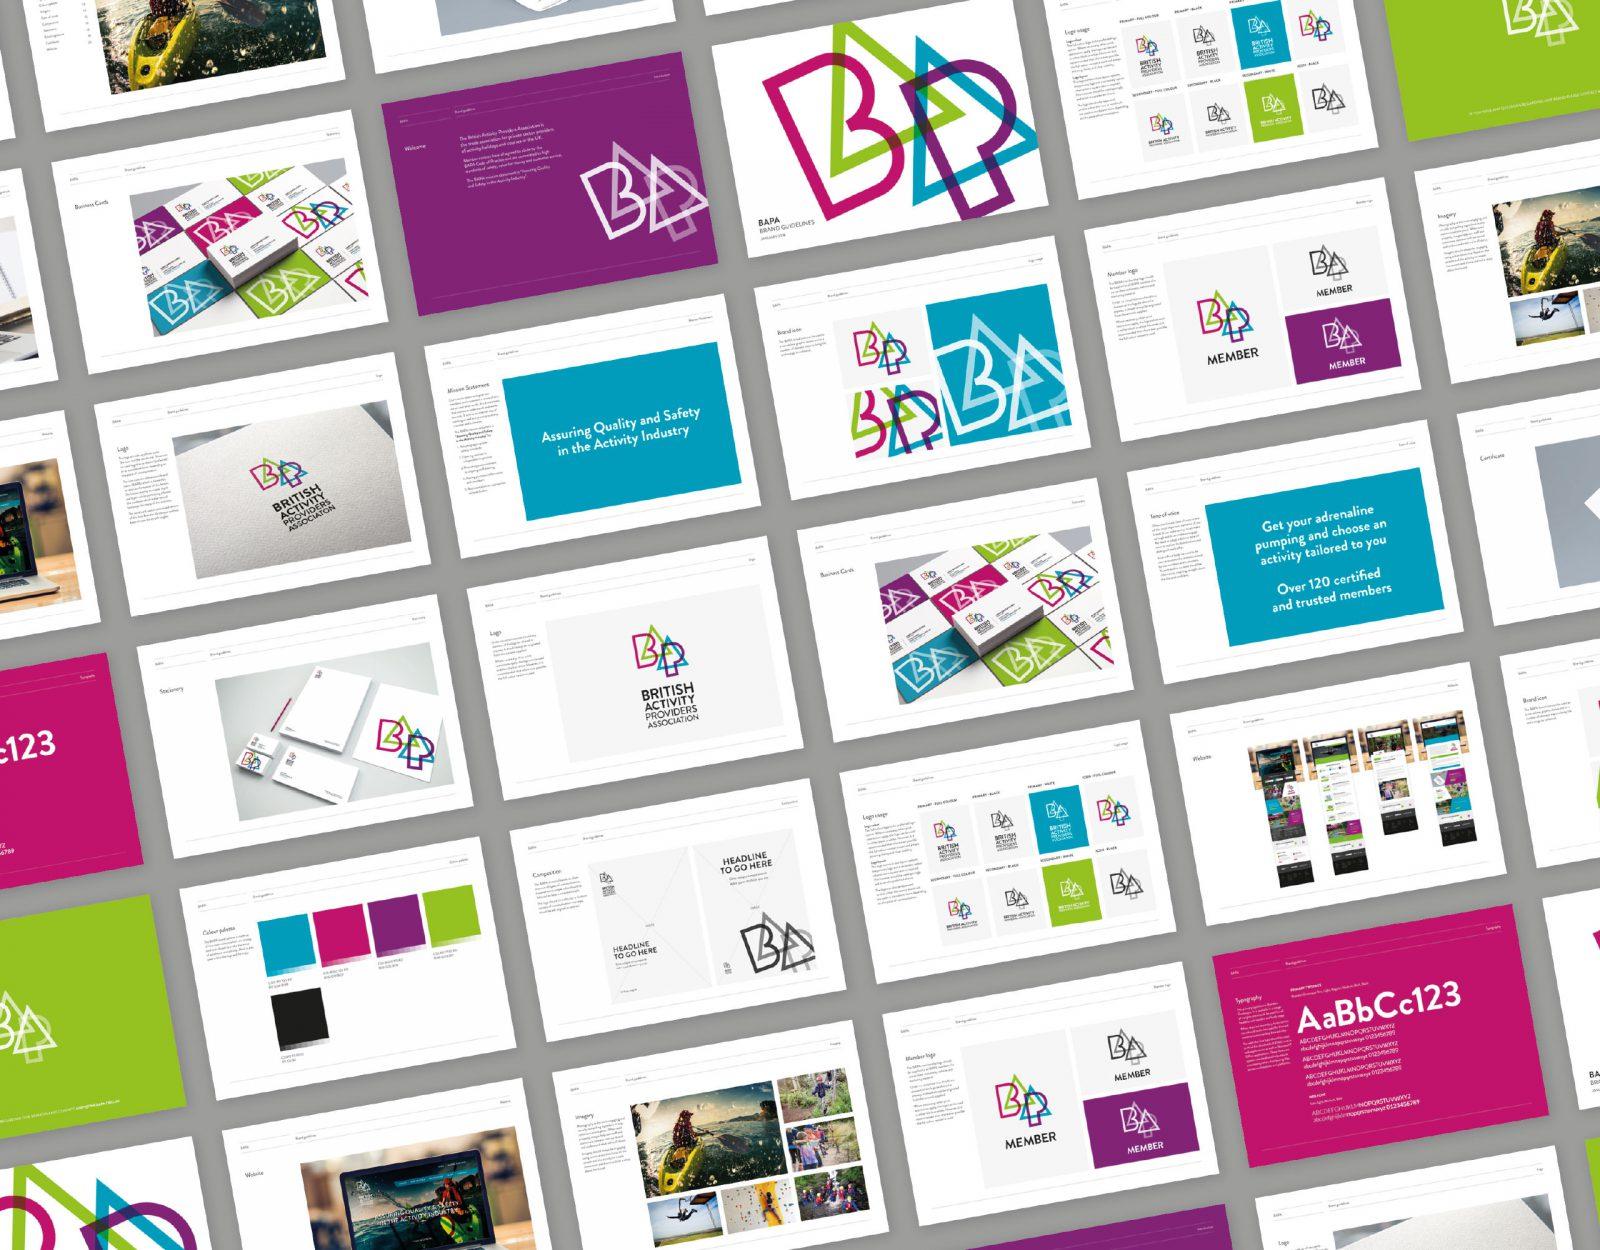 BAPA brand guidelines